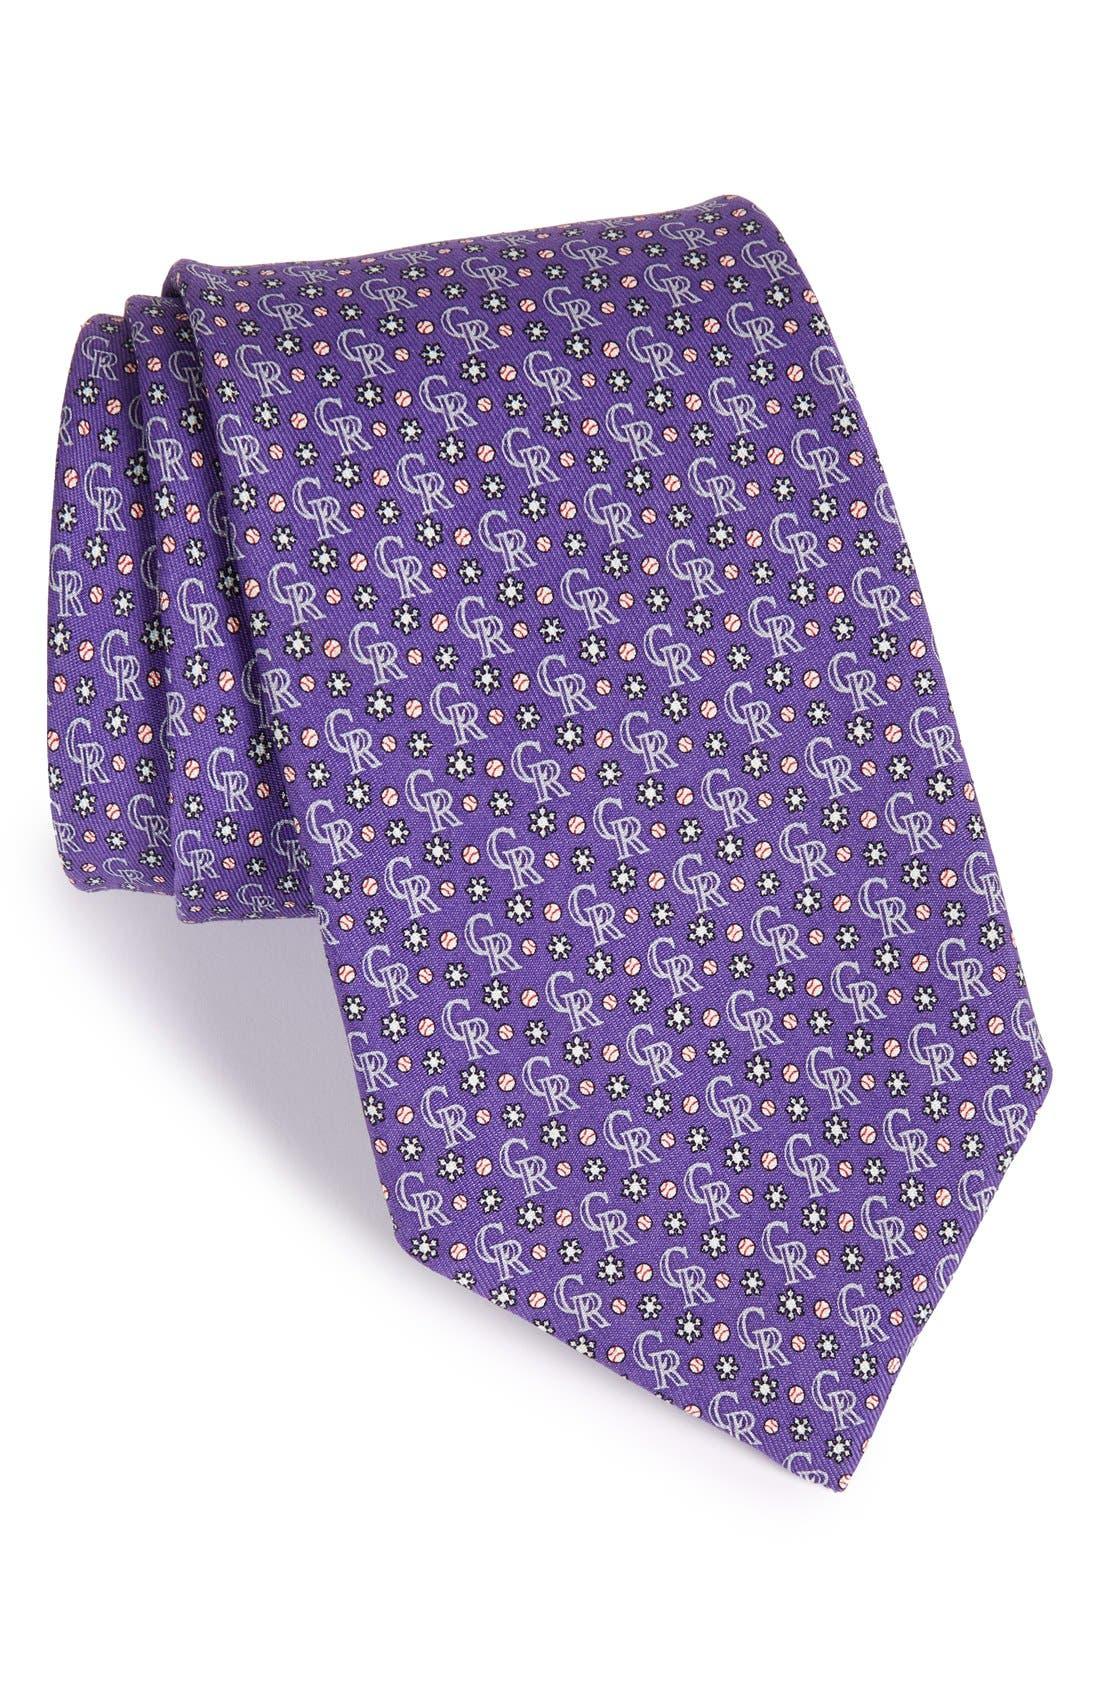 'Colorado Rockies' Woven Silk Tie,                             Main thumbnail 1, color,